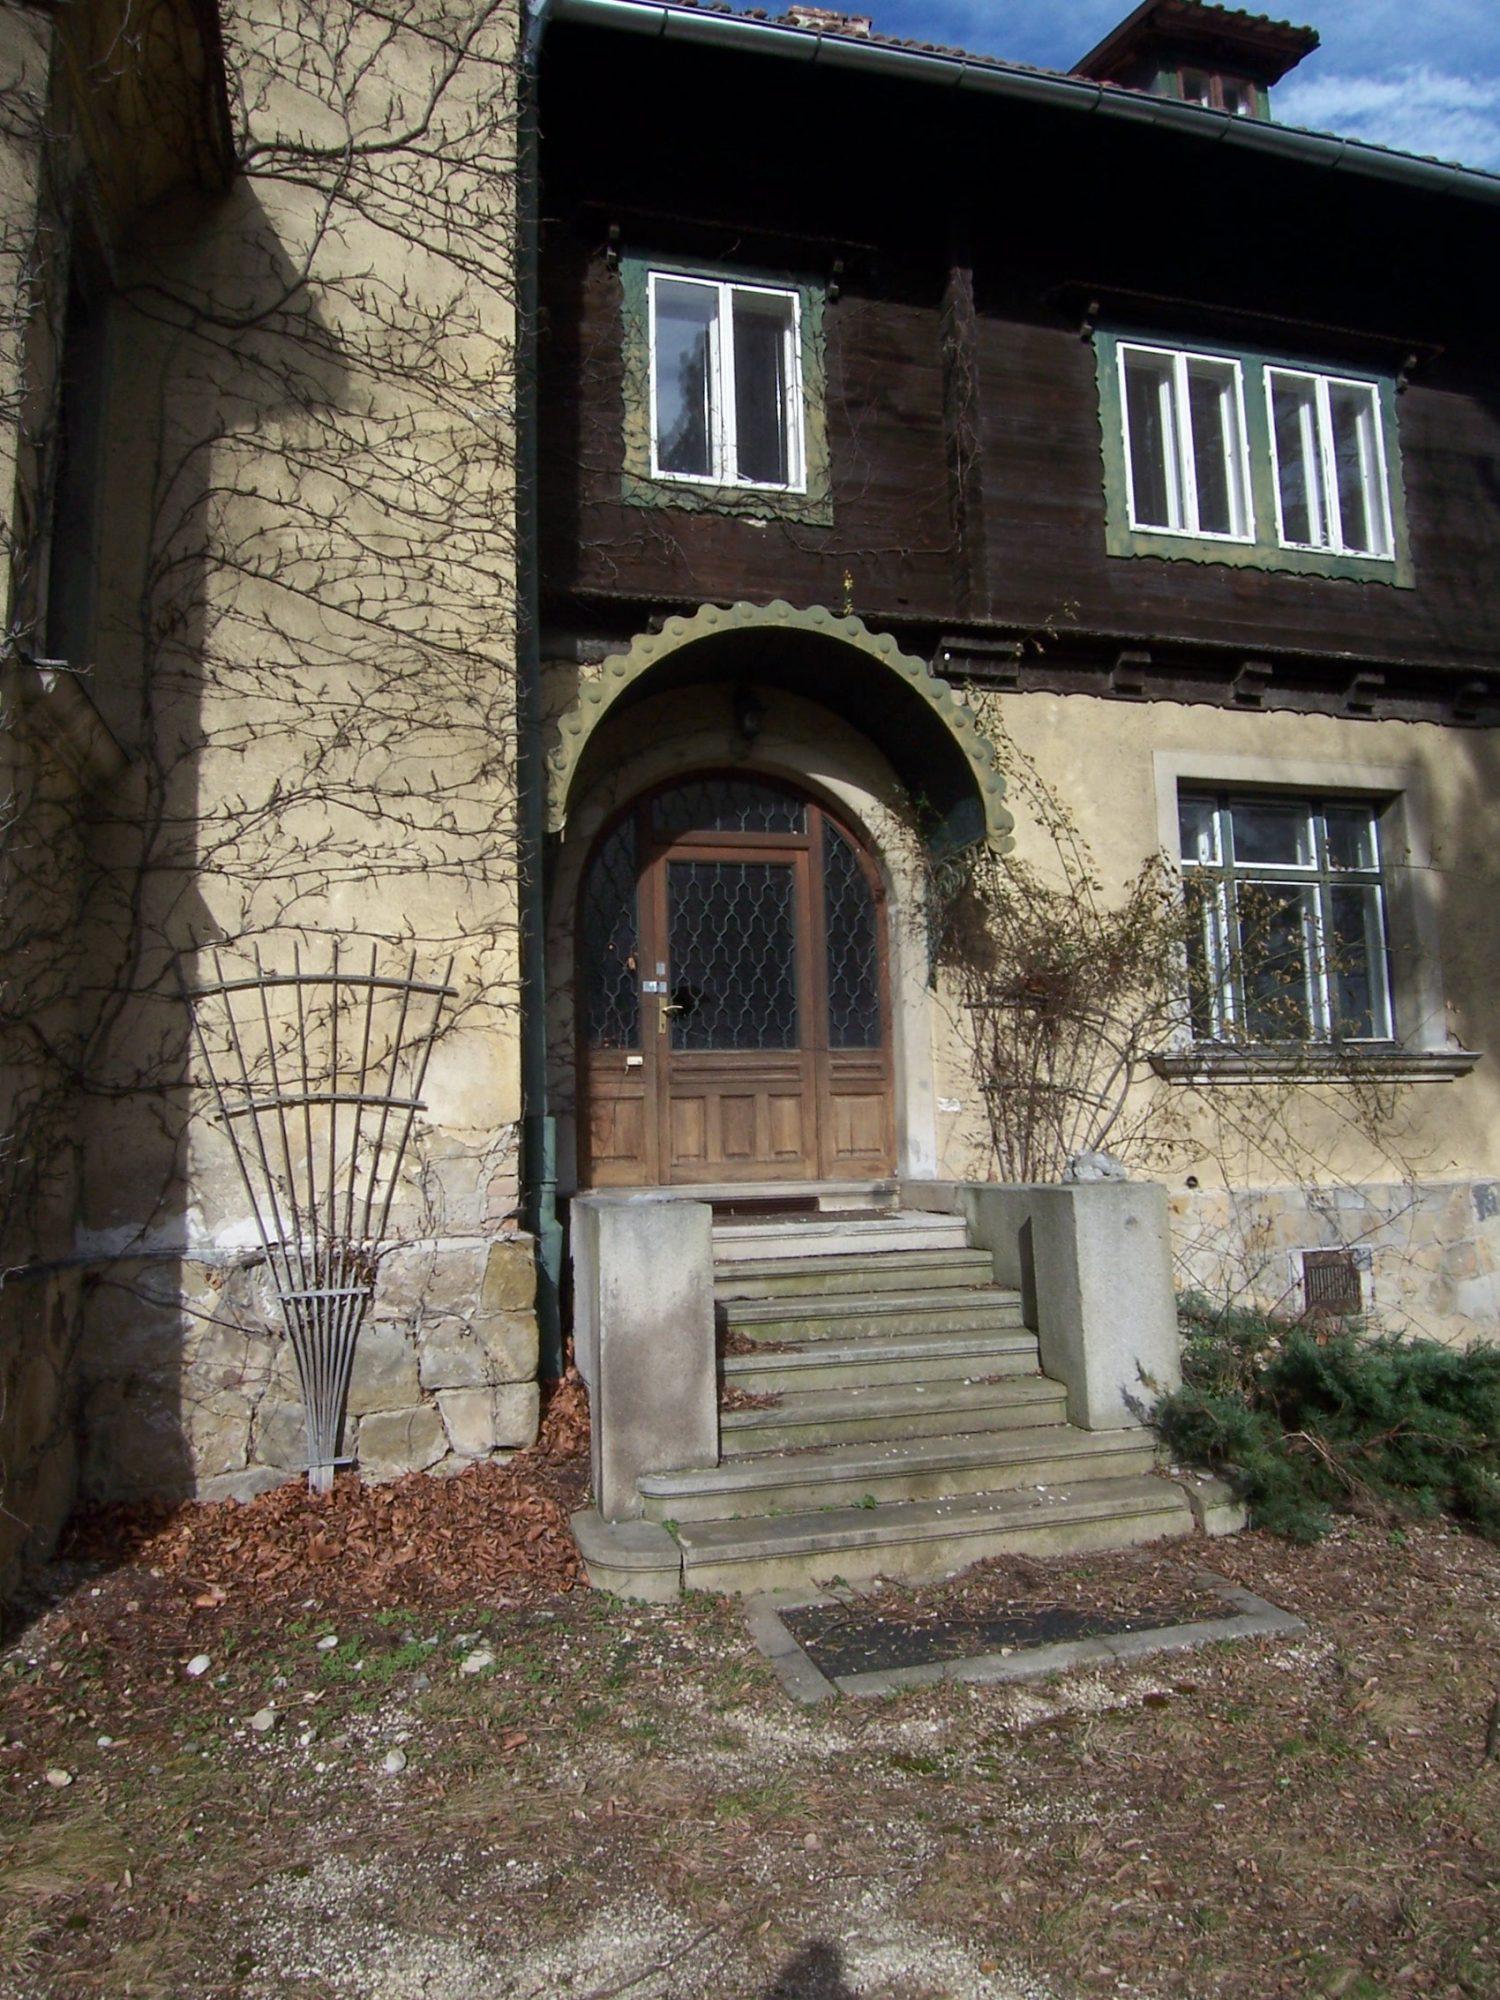 Jagdschloss Magdalenenhof. Bild: DFZ - Die Floridsdorfer Zeitung.